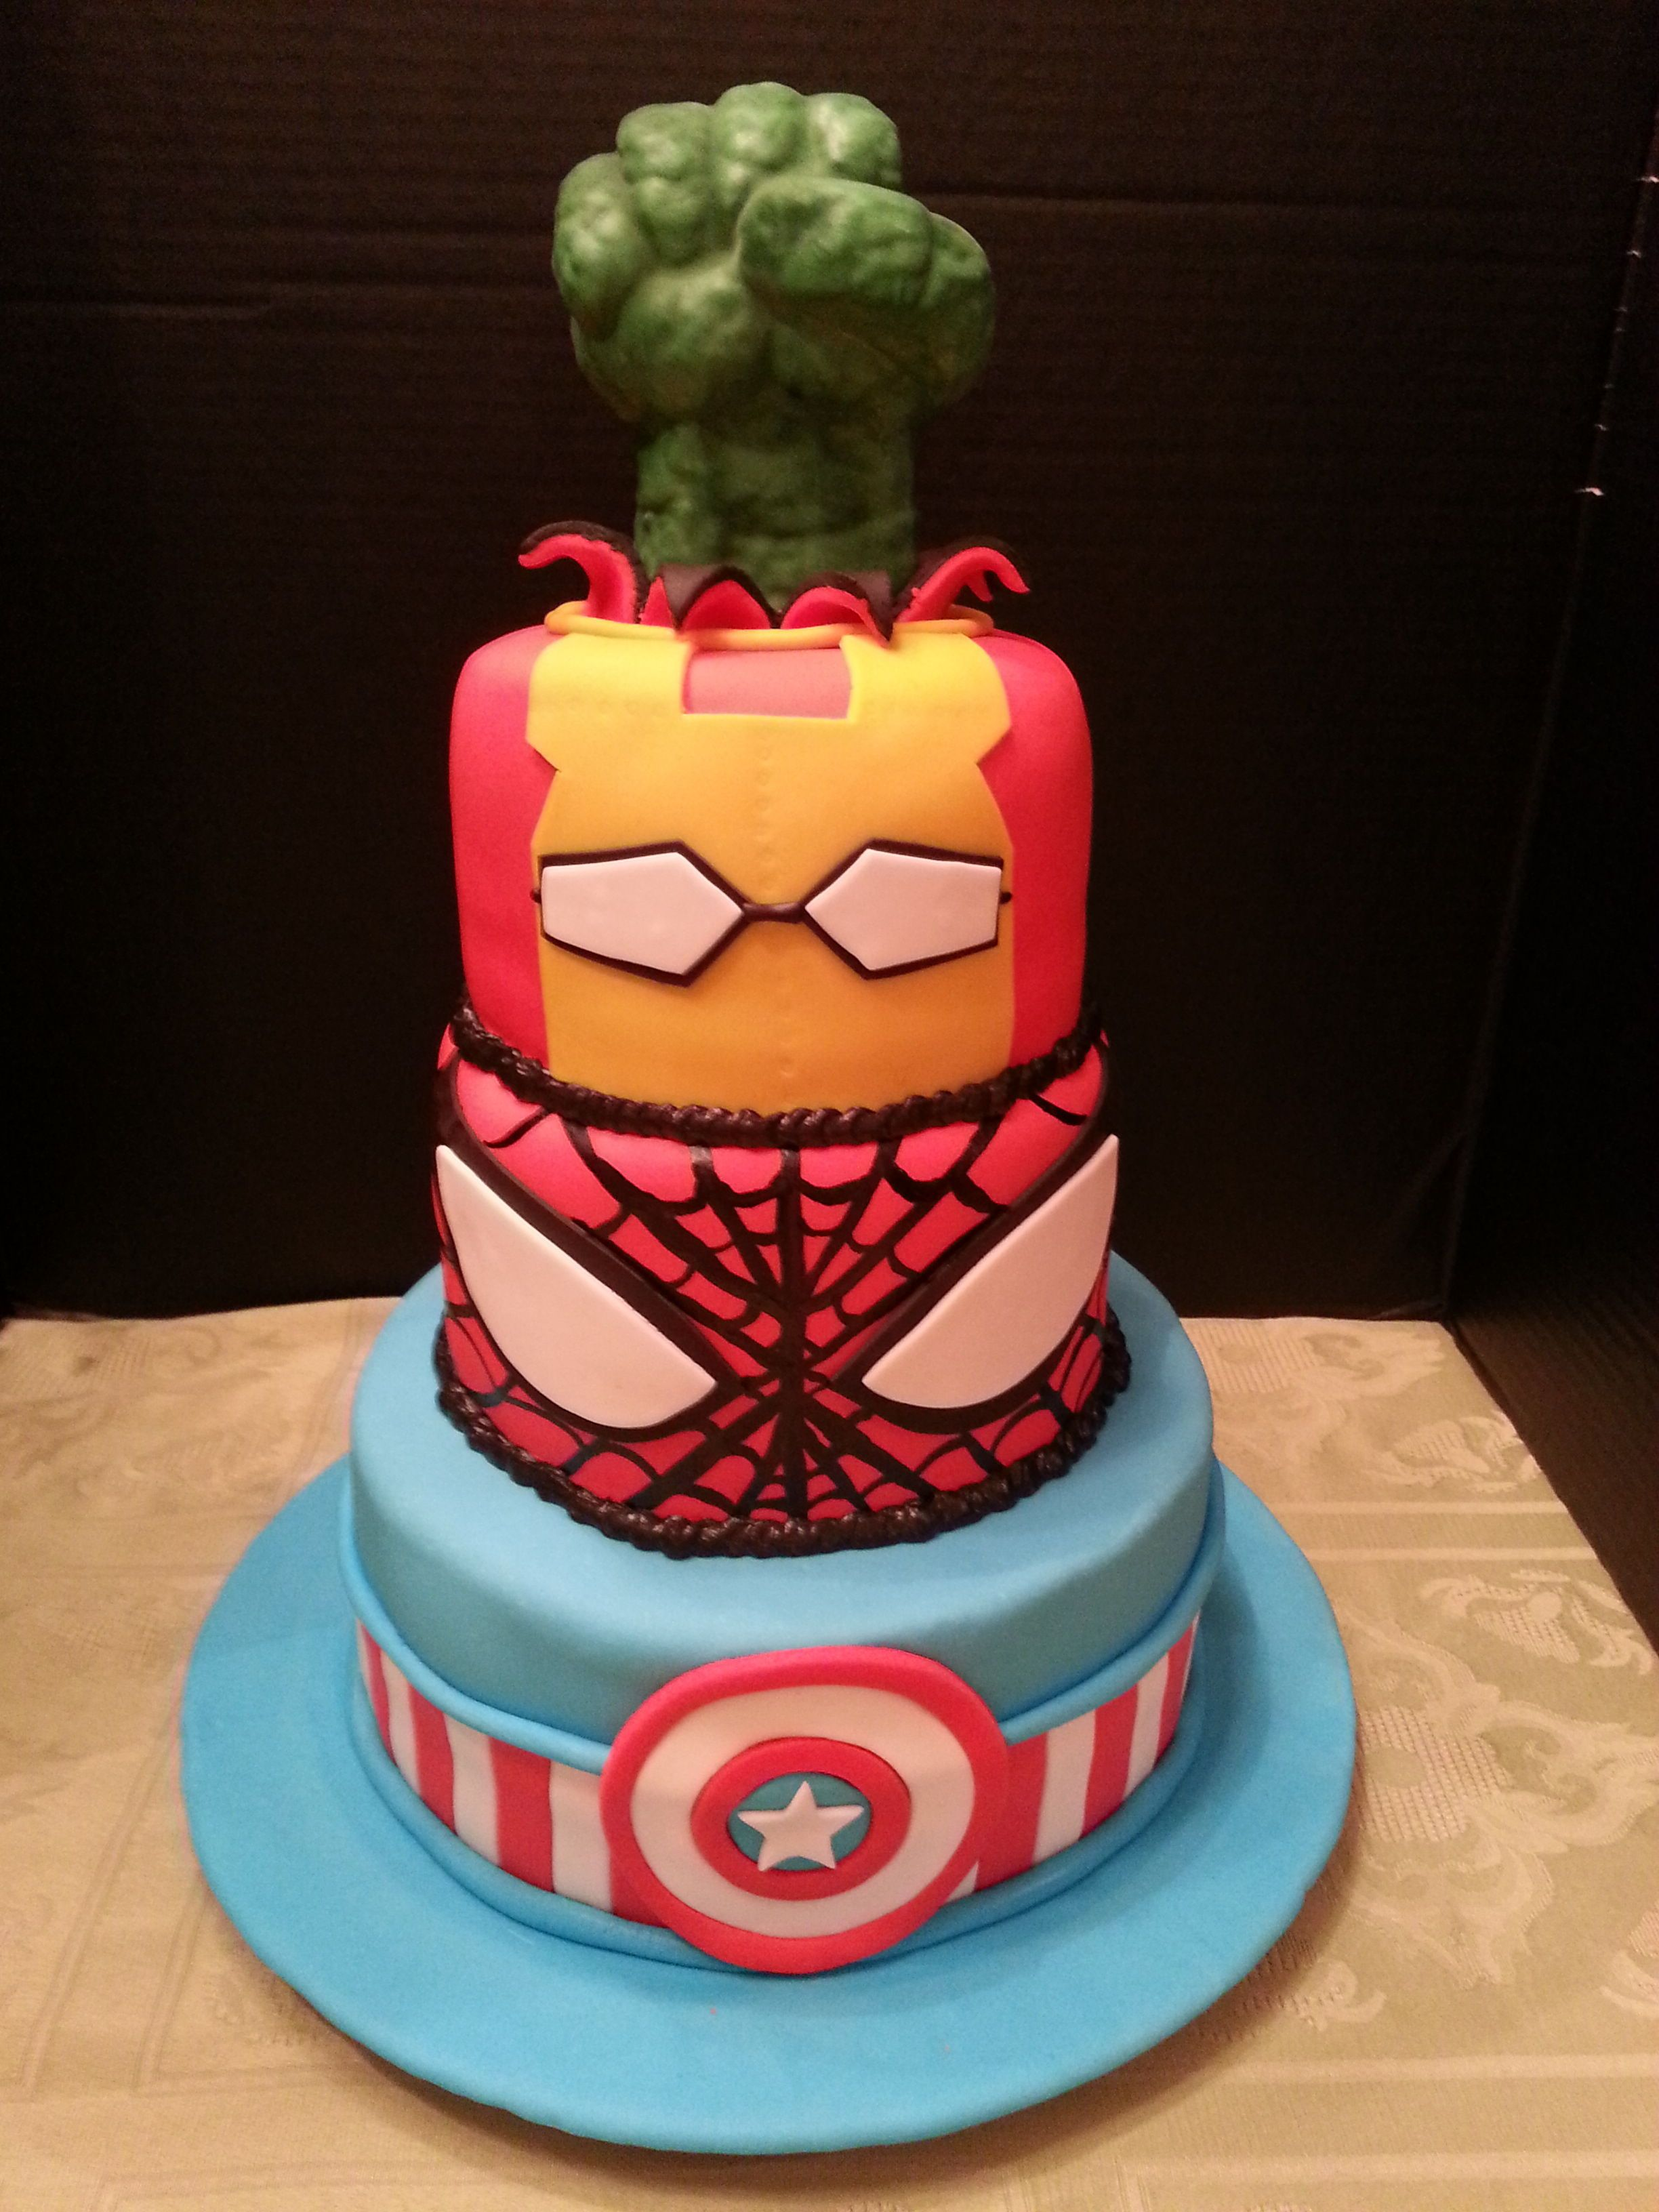 Super Hero cake Captain America Spiderman Iron Man and The Hulk